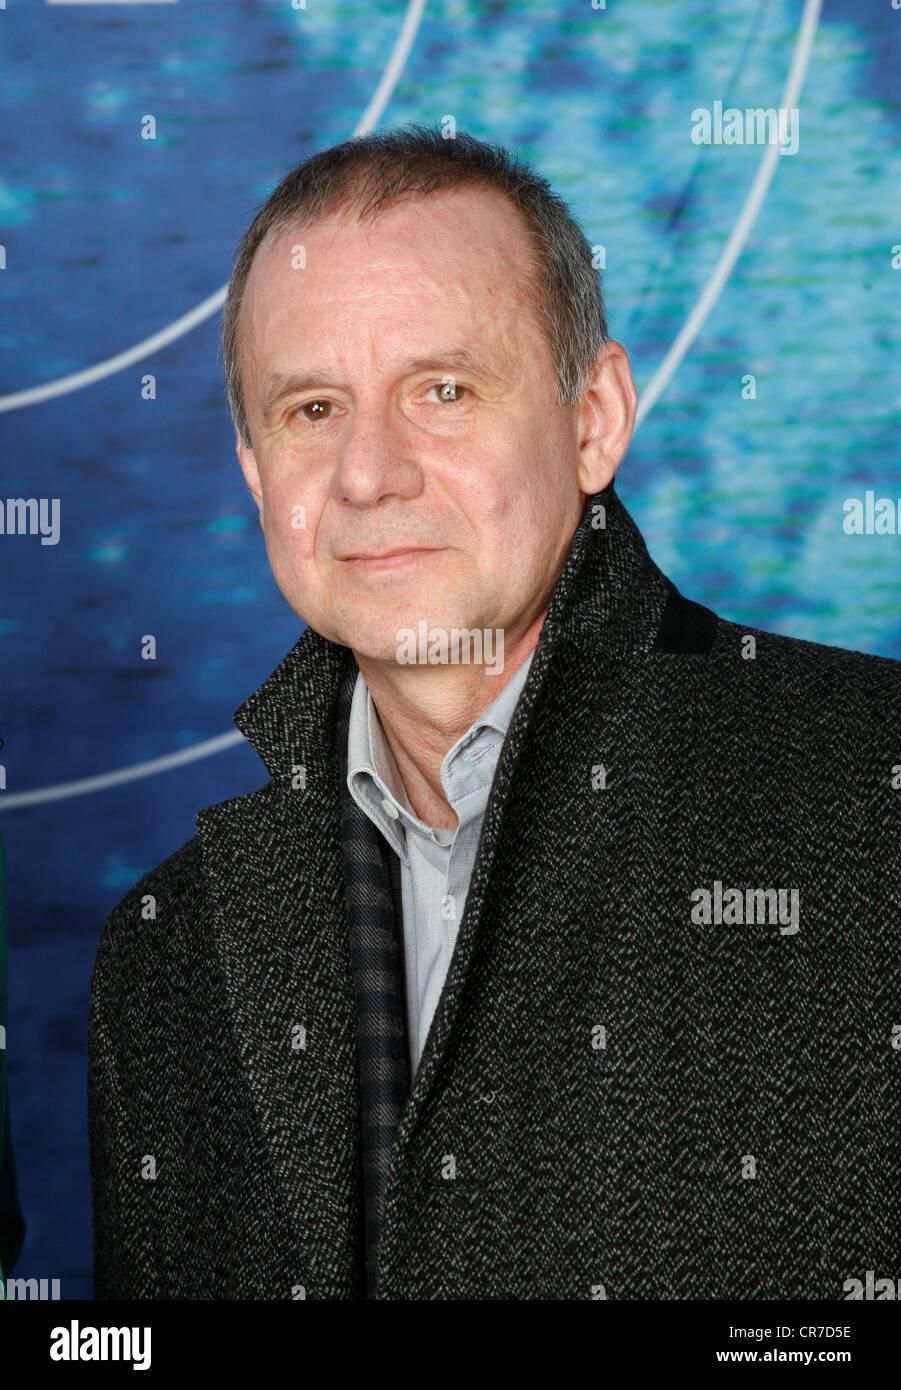 """Krol, Joachim, * 17.6.1957, acteur allemand, portrait, photocall à la série TV allemande """"Tatort"""", Photo Stock"""